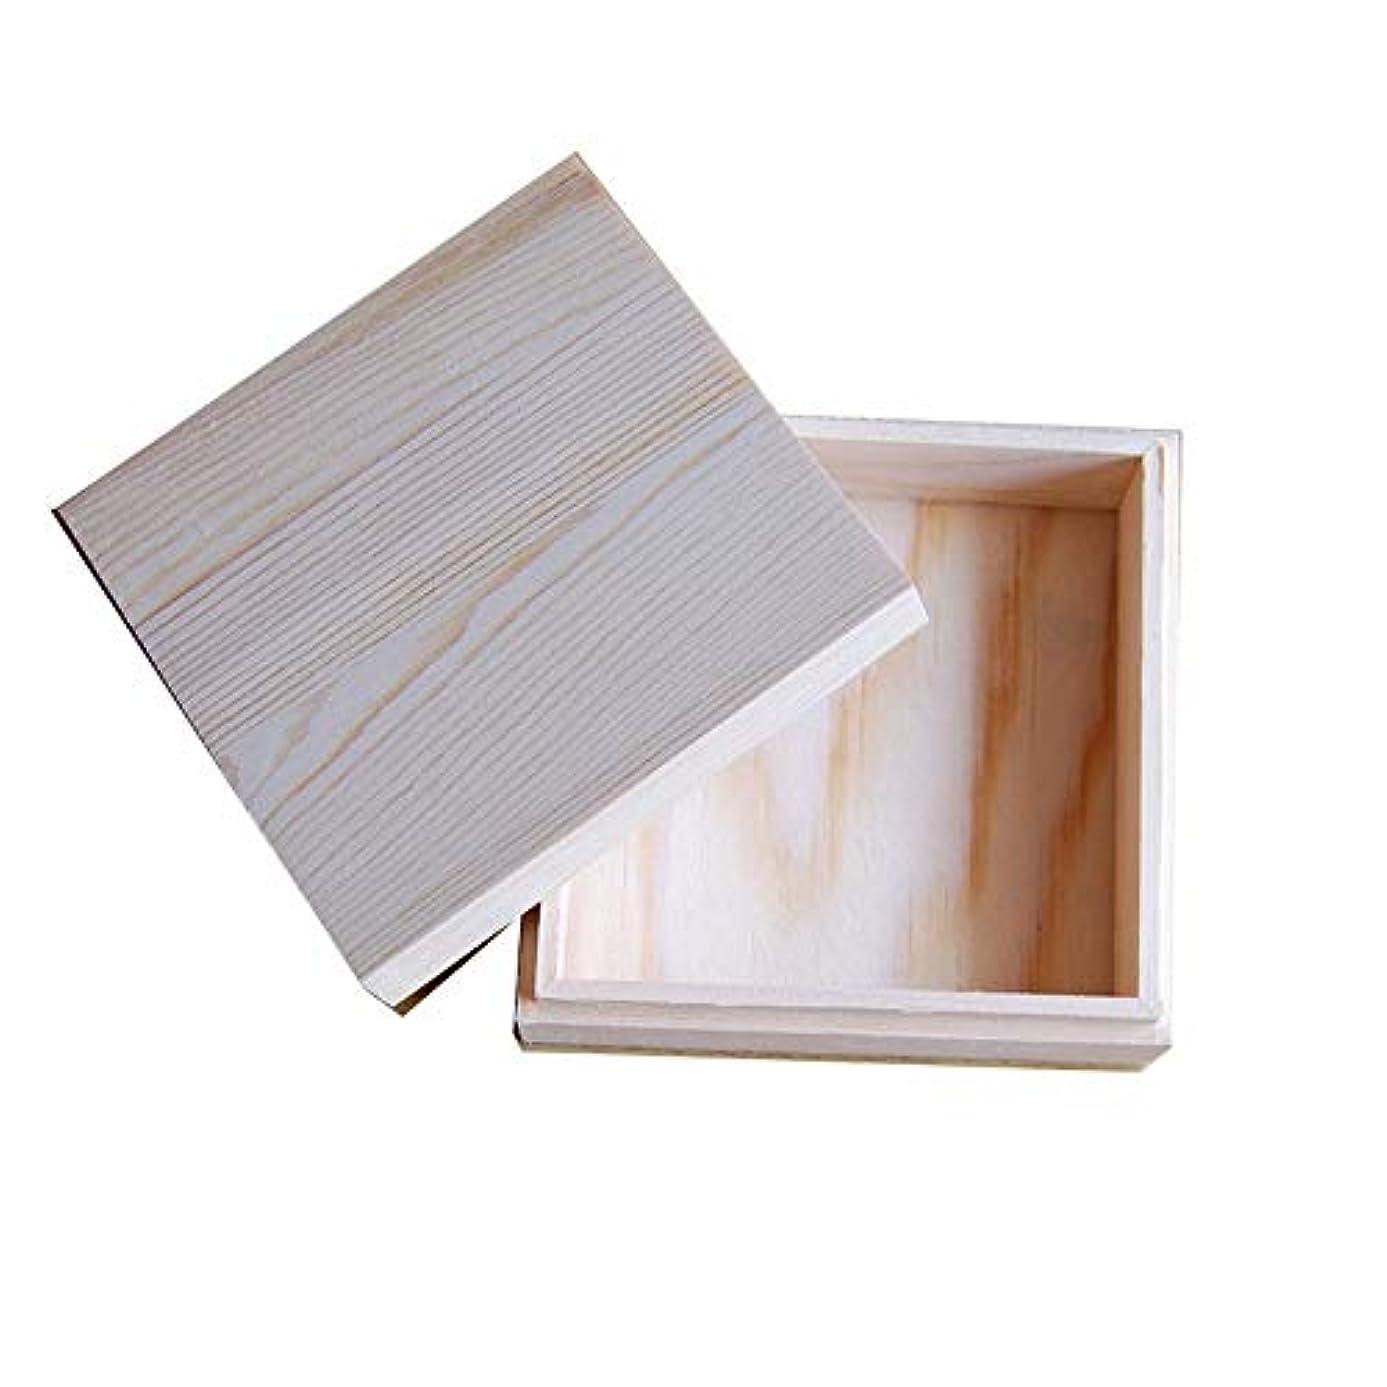 形状ブーム疑問に思う木製のエッセンシャルオイルストレージボックス安全に油を維持するためのベスト アロマセラピー製品 (色 : Natural, サイズ : 11.5X11.5X5CM)